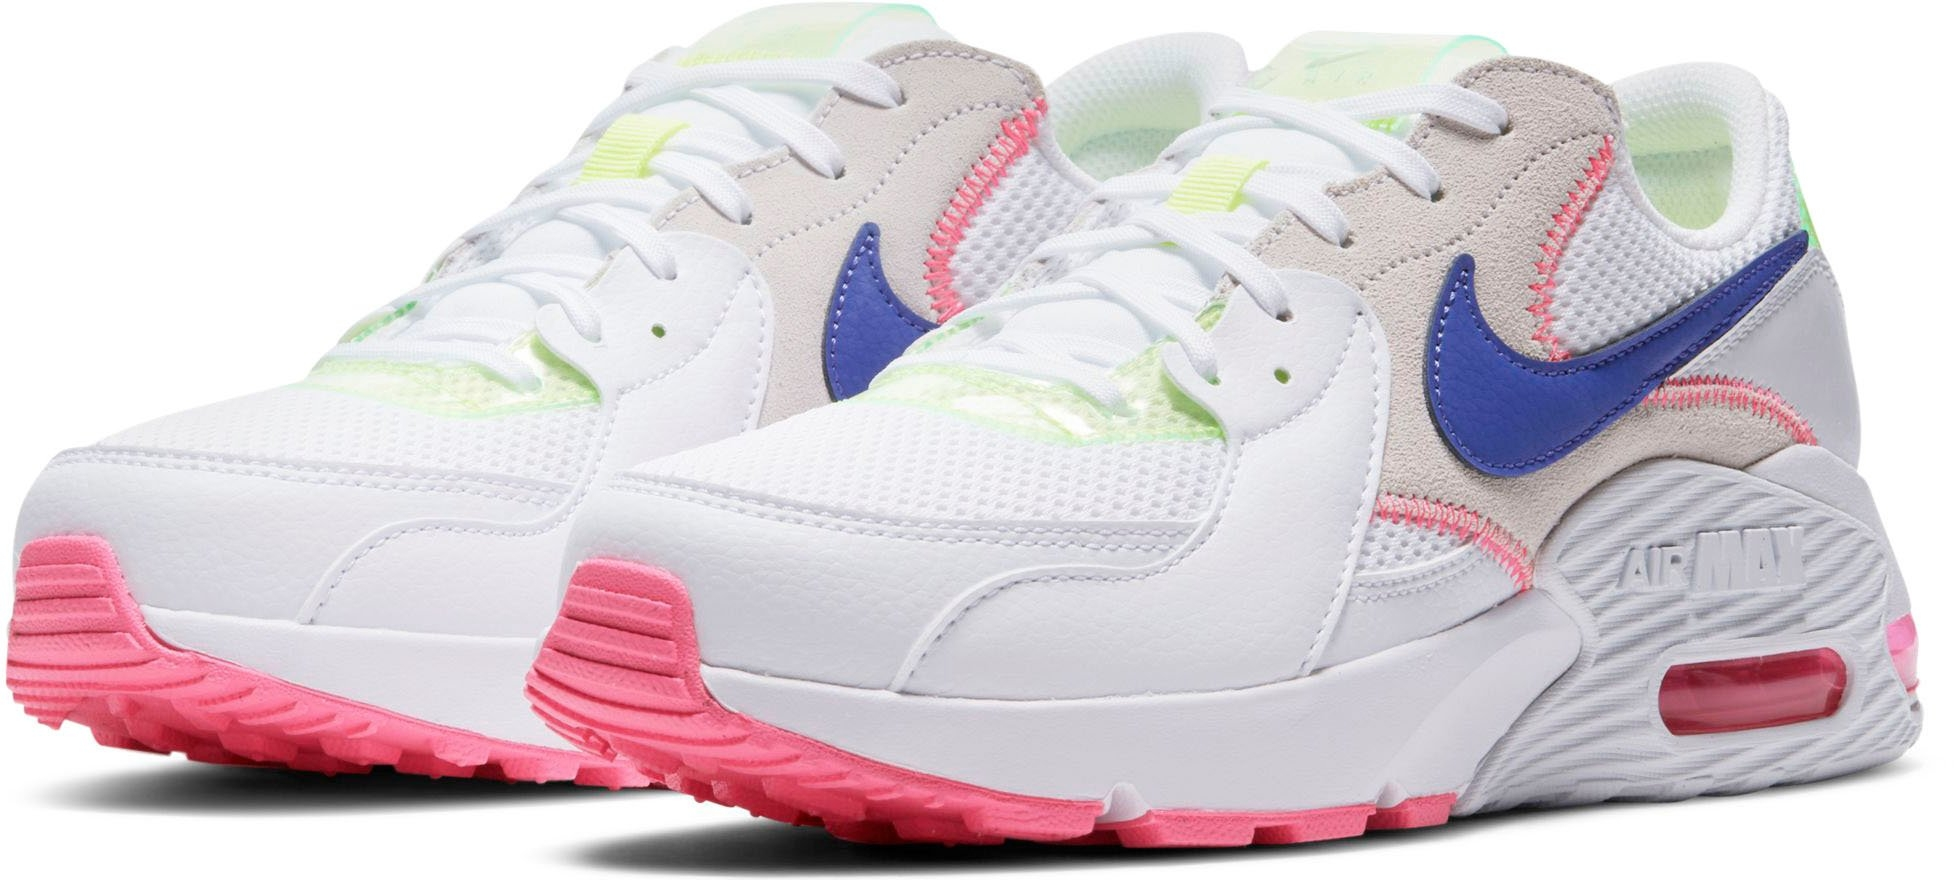 Nike Sportswear sneakers AIR MAX EXCEE AIR MAX DAY PACK voordelig en veilig online kopen